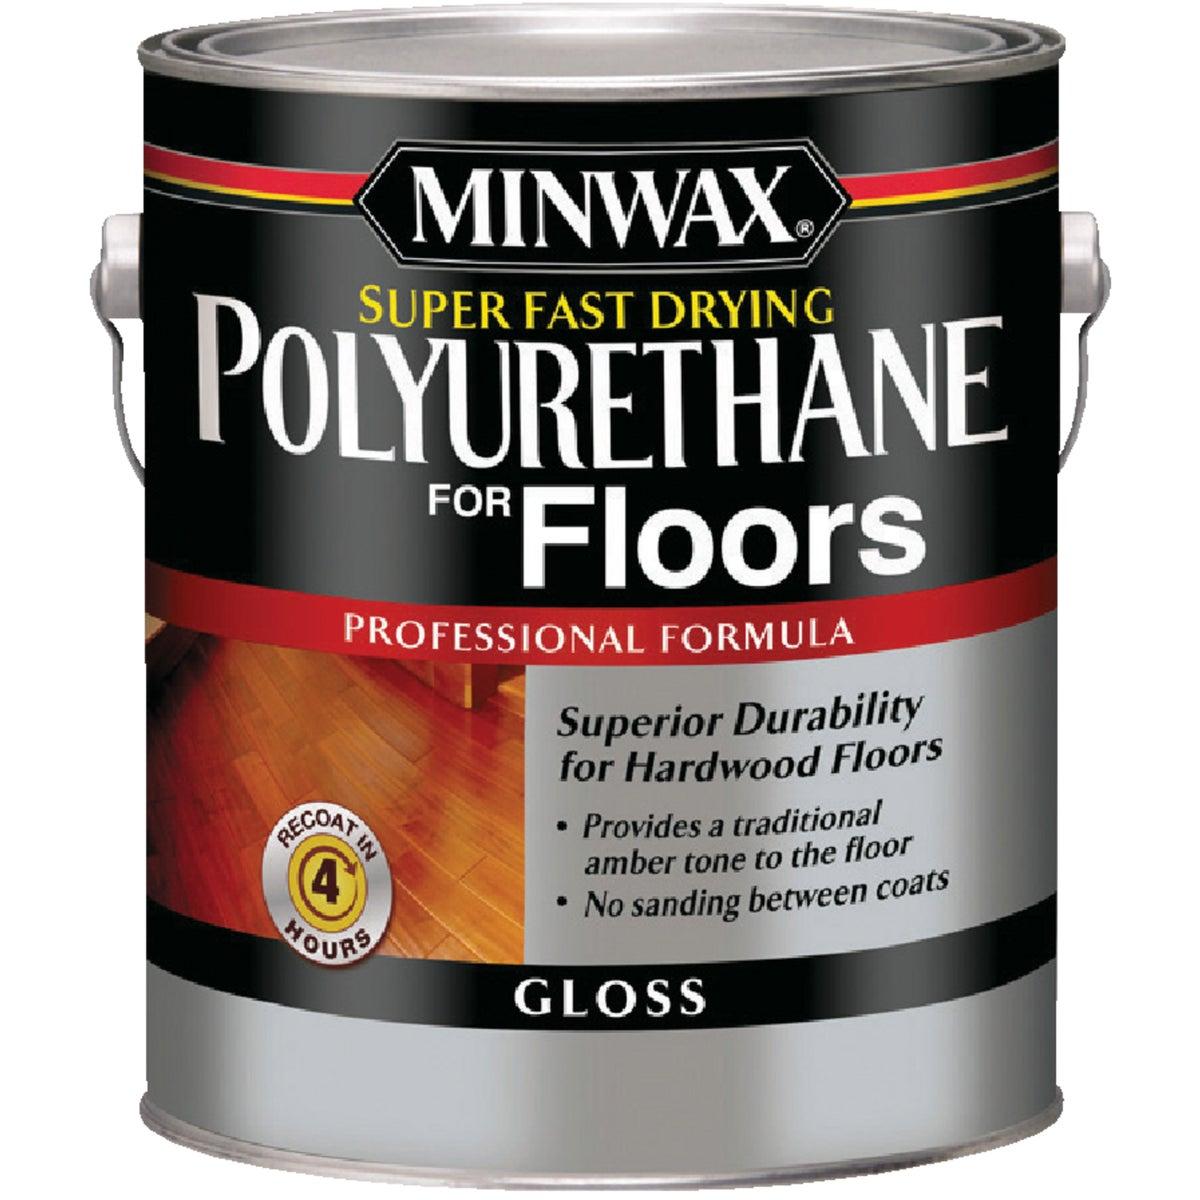 Minwax 13020 Gloss Floor Polyurethane